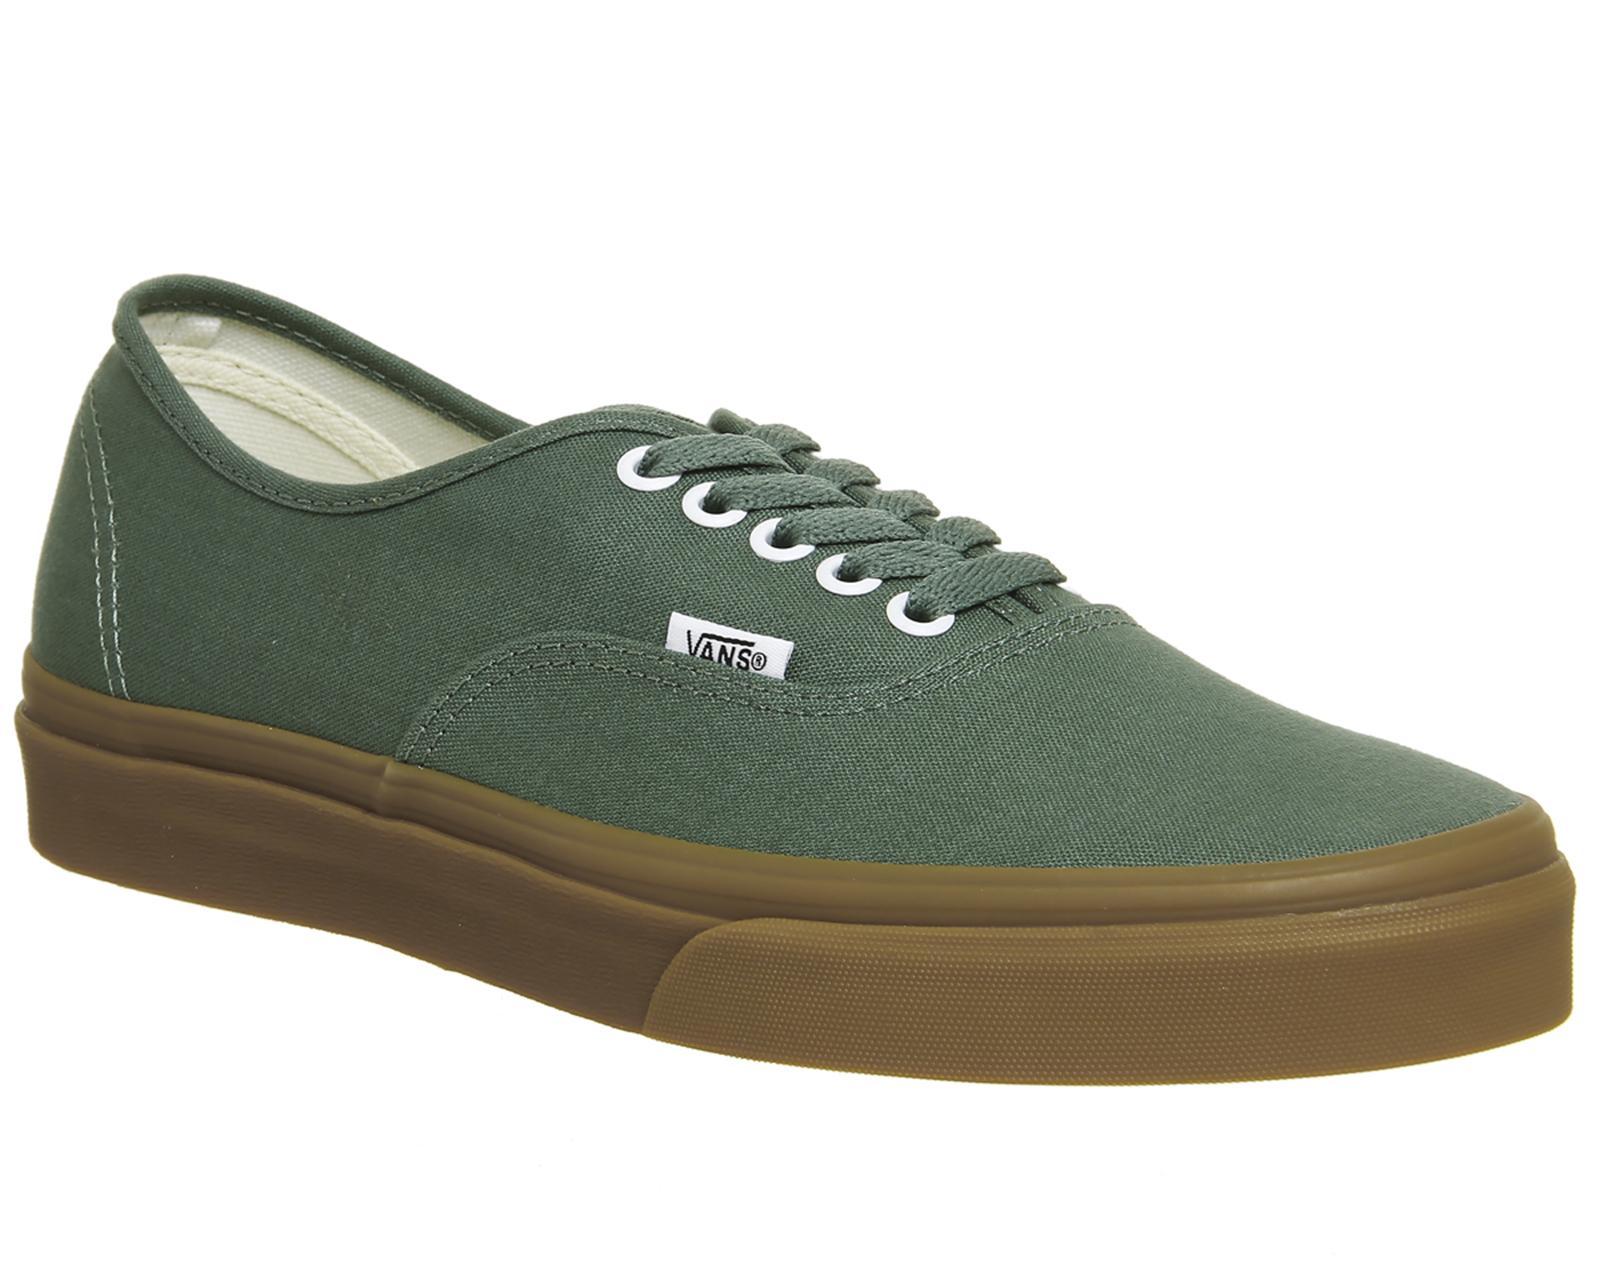 c6fa79499 Detalles de Para Hombre Vans Auténtico tenis Pato Verde Tenis Zapatos- ver  título original